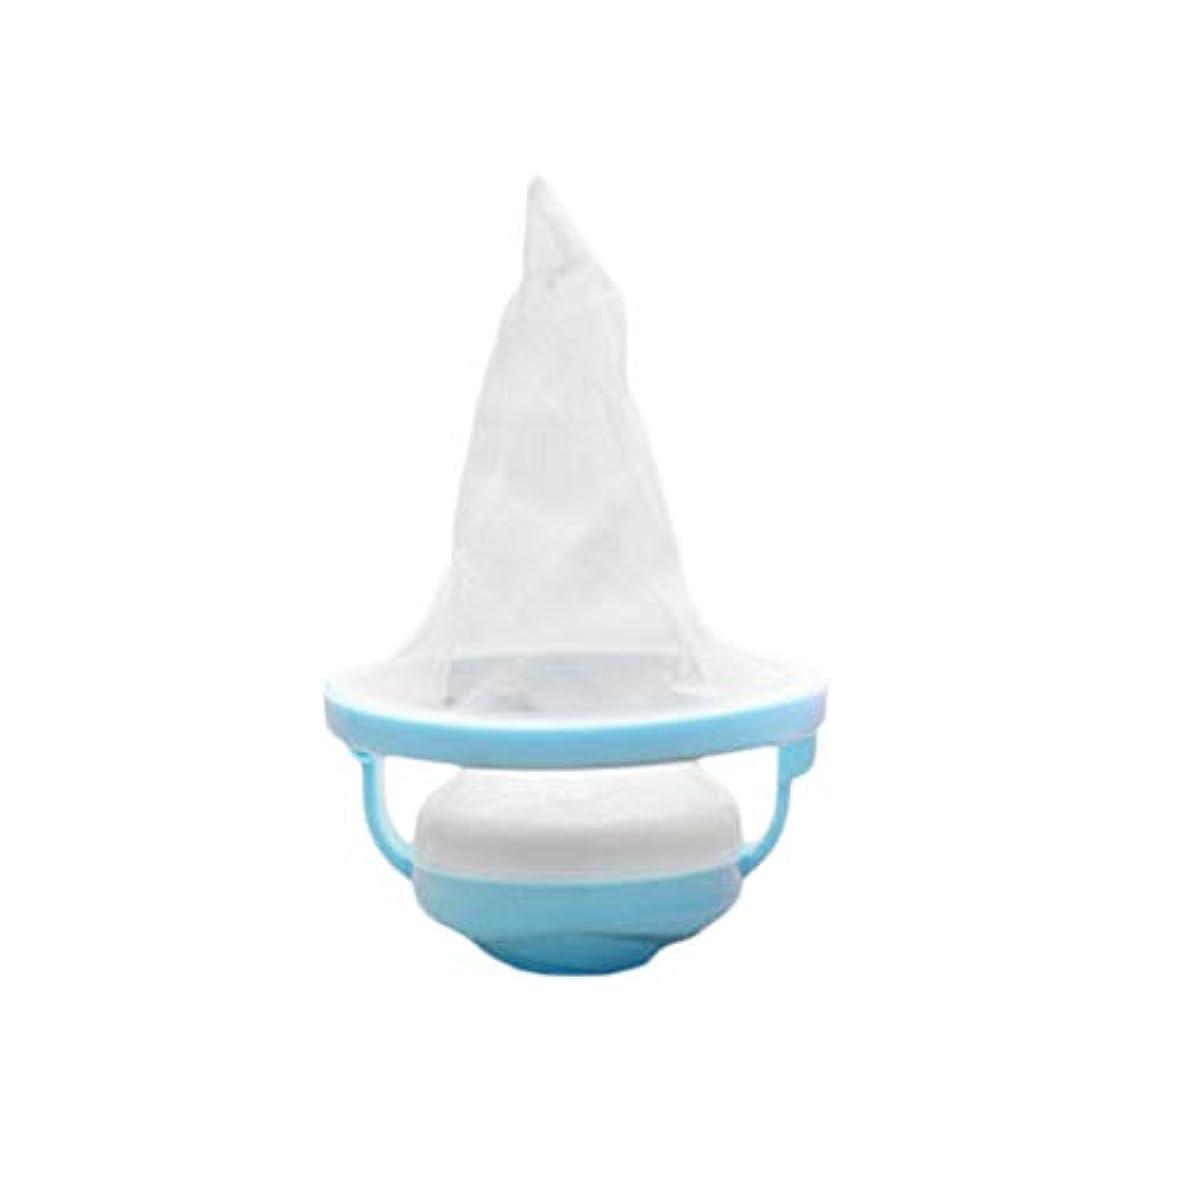 属するシュートスーダンSaikogoods ランドリー洗濯機ウールろ過脱毛ボール耐久性のある取り外し可能なメッシュフィルターバッグランドリーボール用品 青